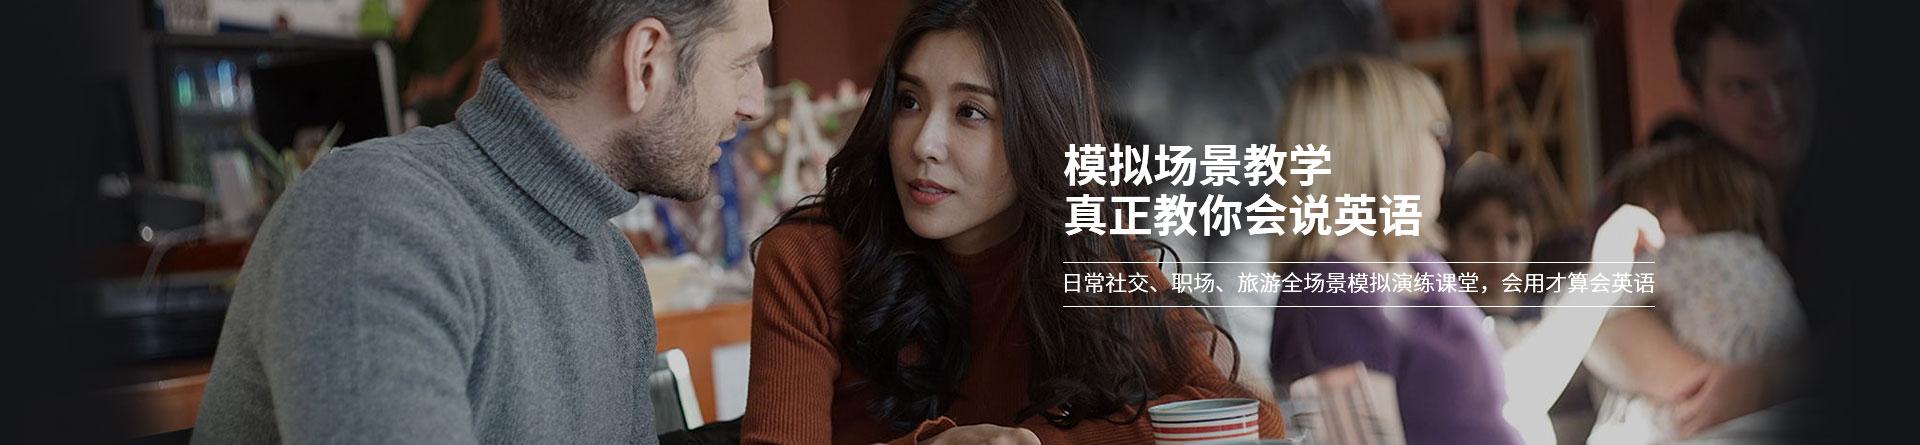 北京美联英语培训学校